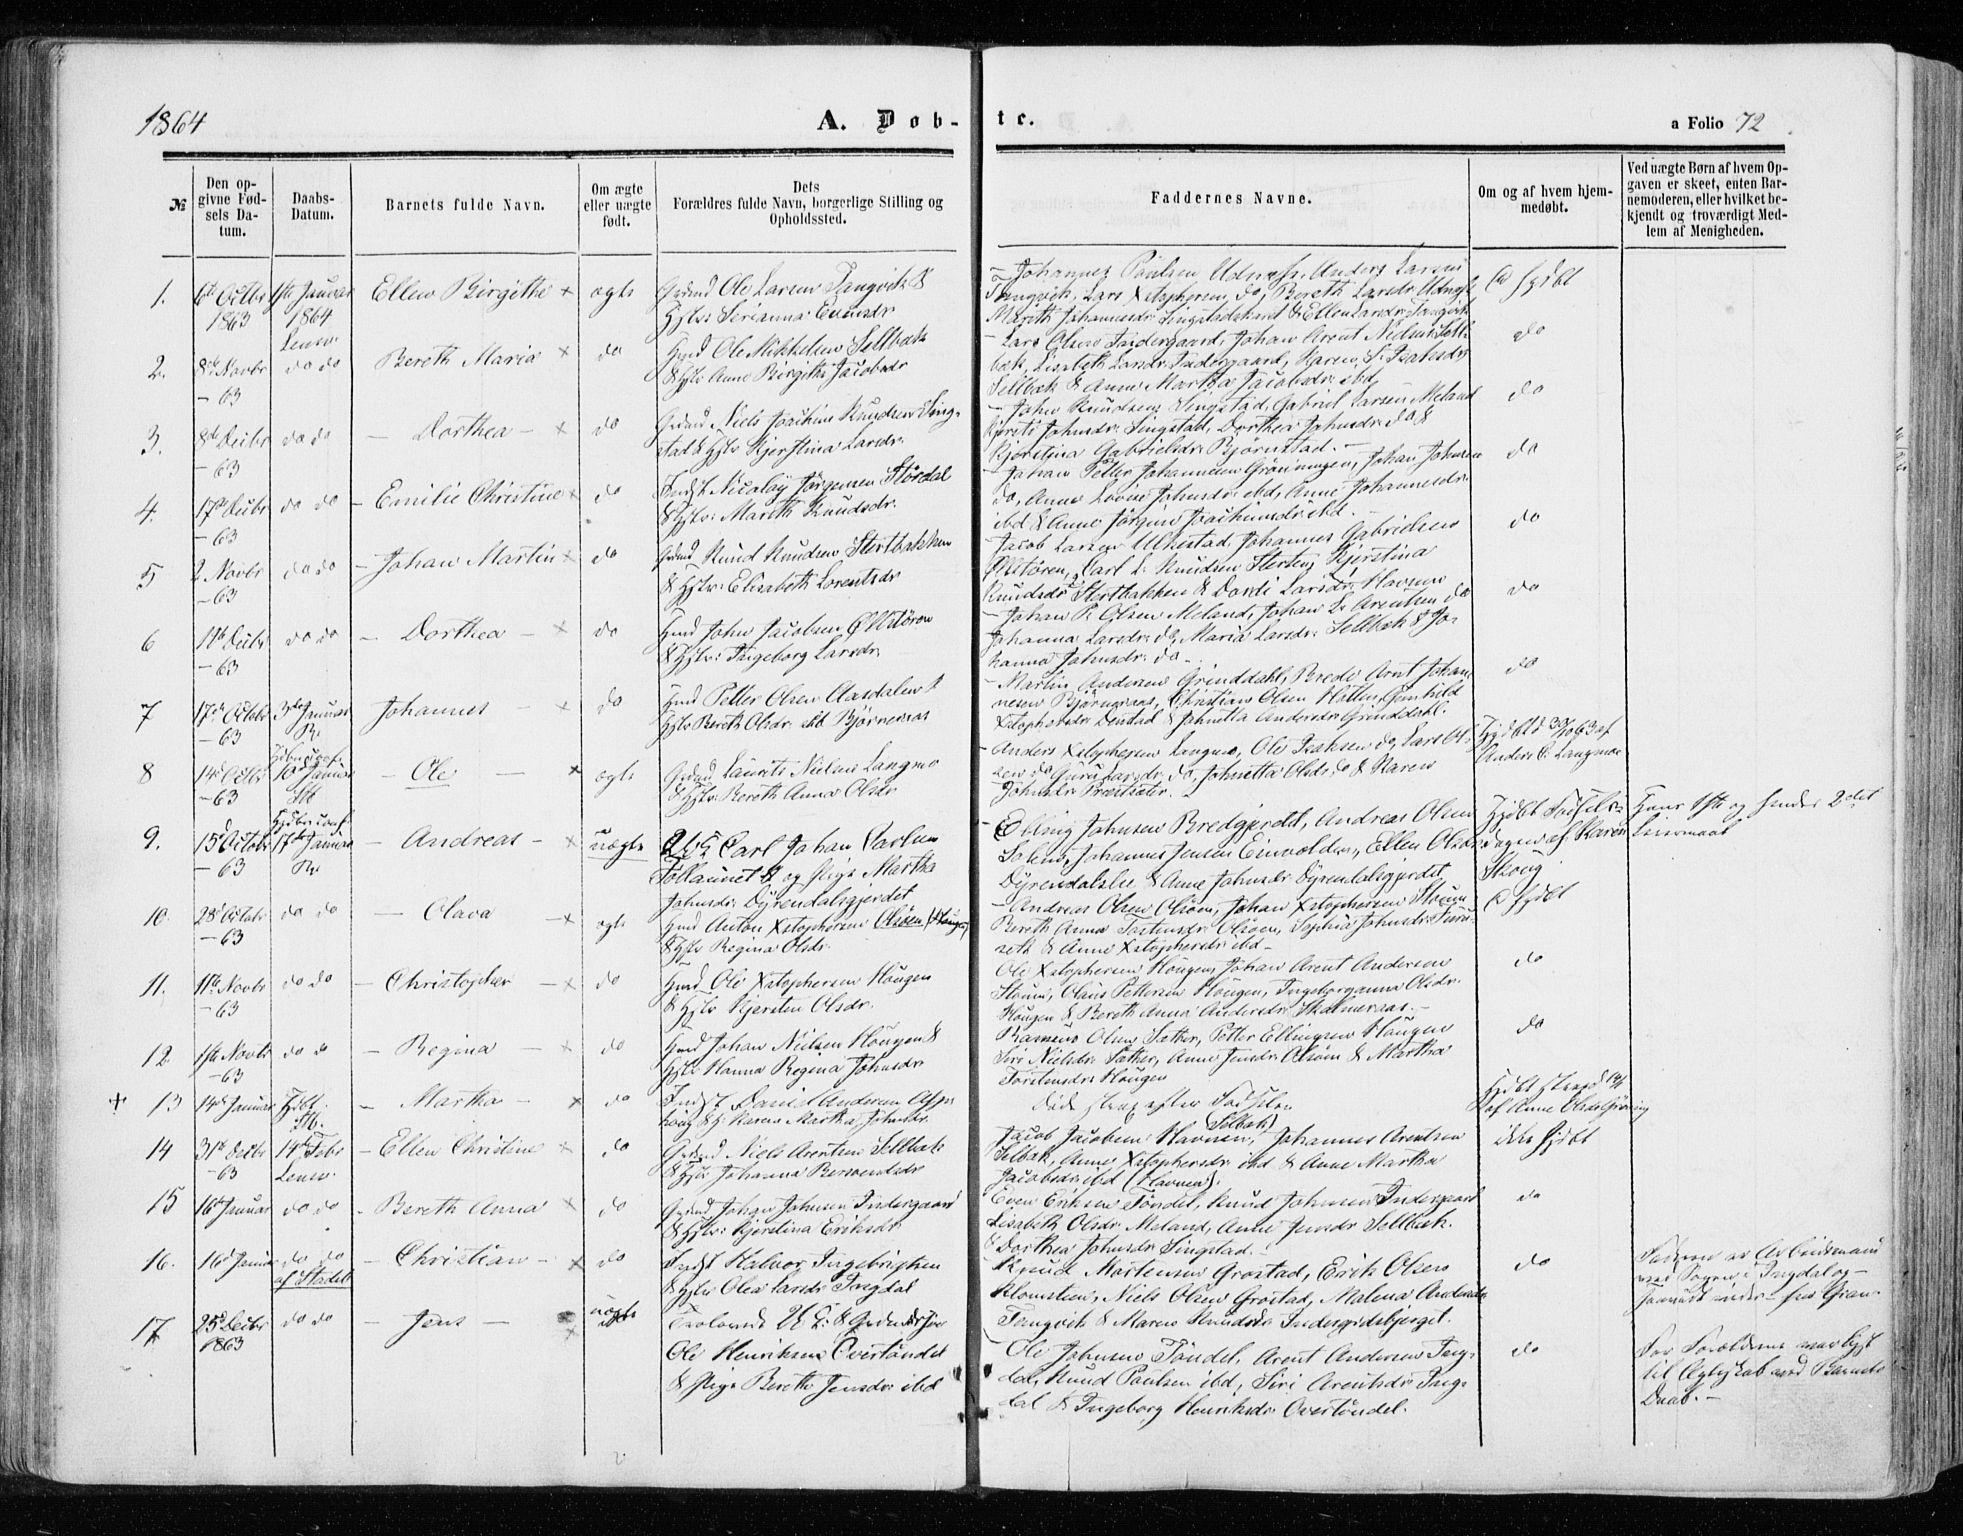 SAT, Ministerialprotokoller, klokkerbøker og fødselsregistre - Sør-Trøndelag, 646/L0612: Ministerialbok nr. 646A10, 1858-1869, s. 72